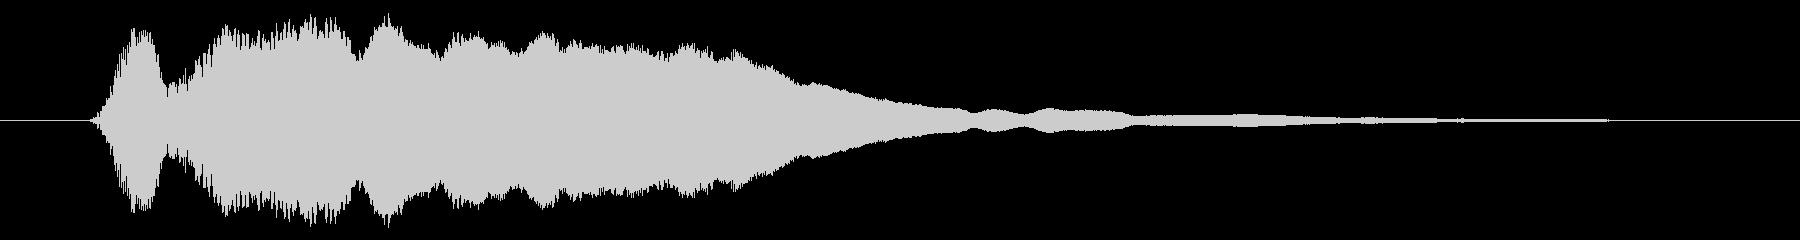 ピィーー!横笛1ショート リバーブ有の未再生の波形